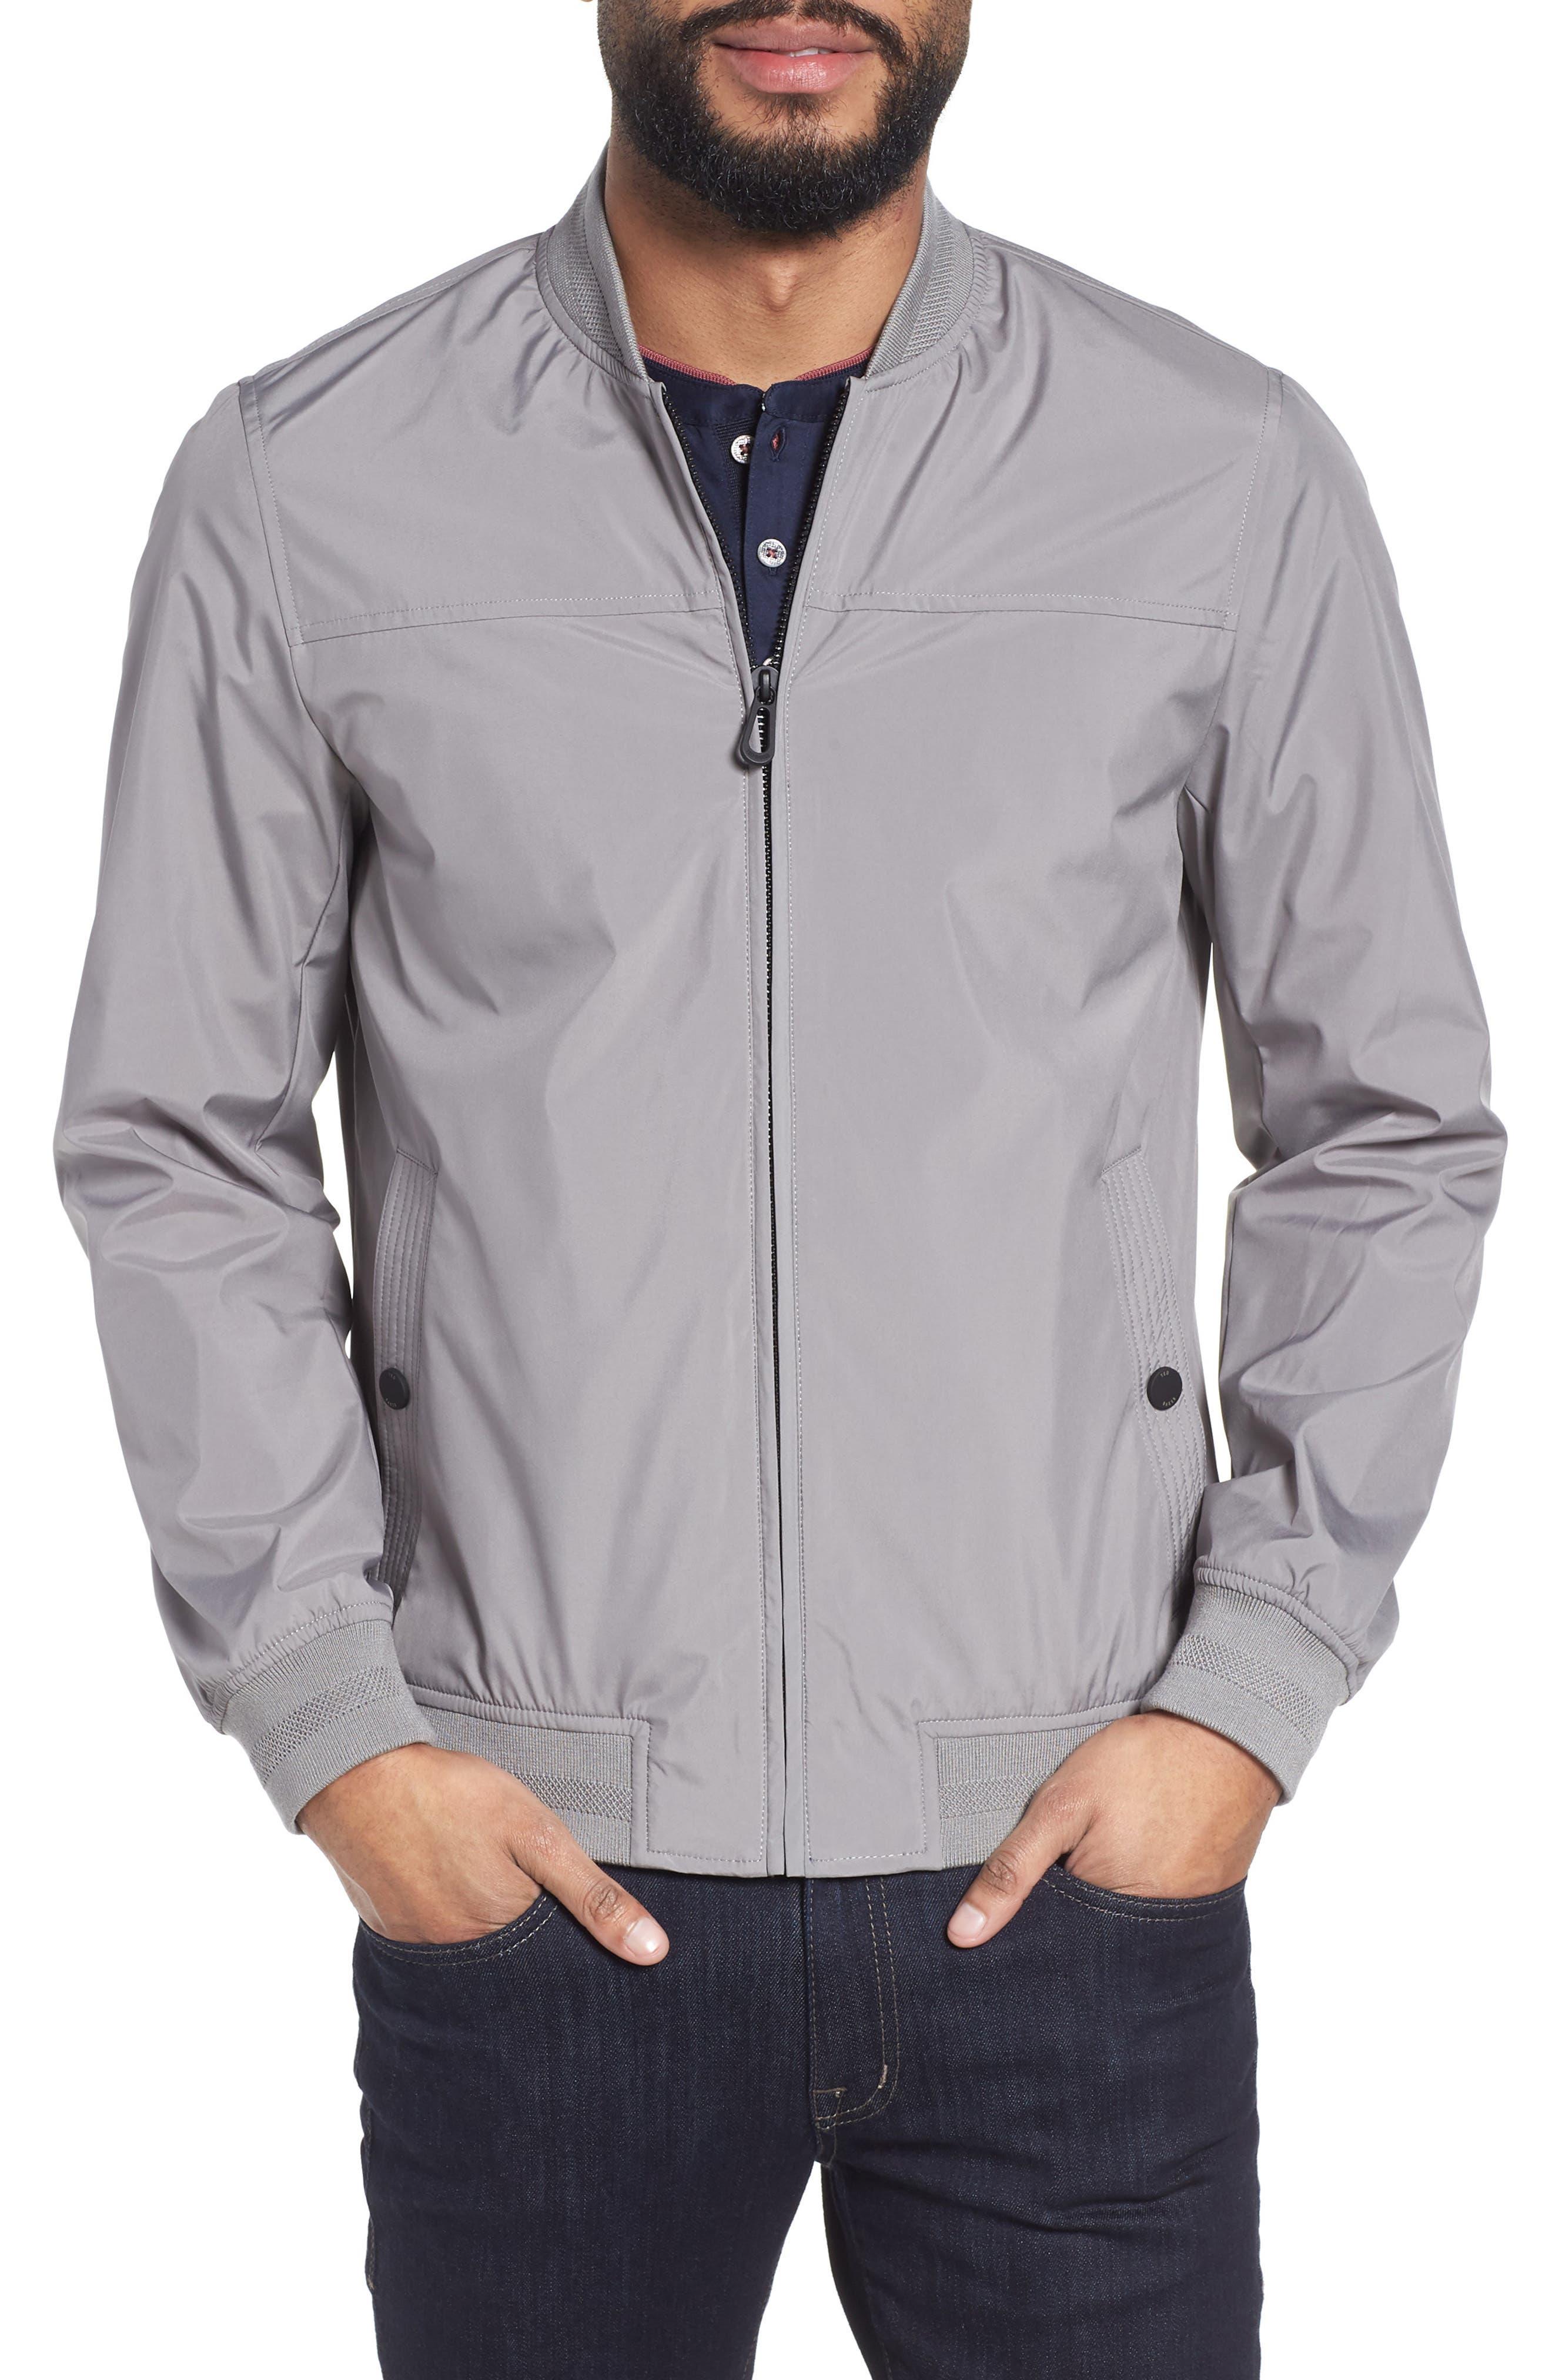 Ohtatt Bomber Jacket,                         Main,                         color, Grey